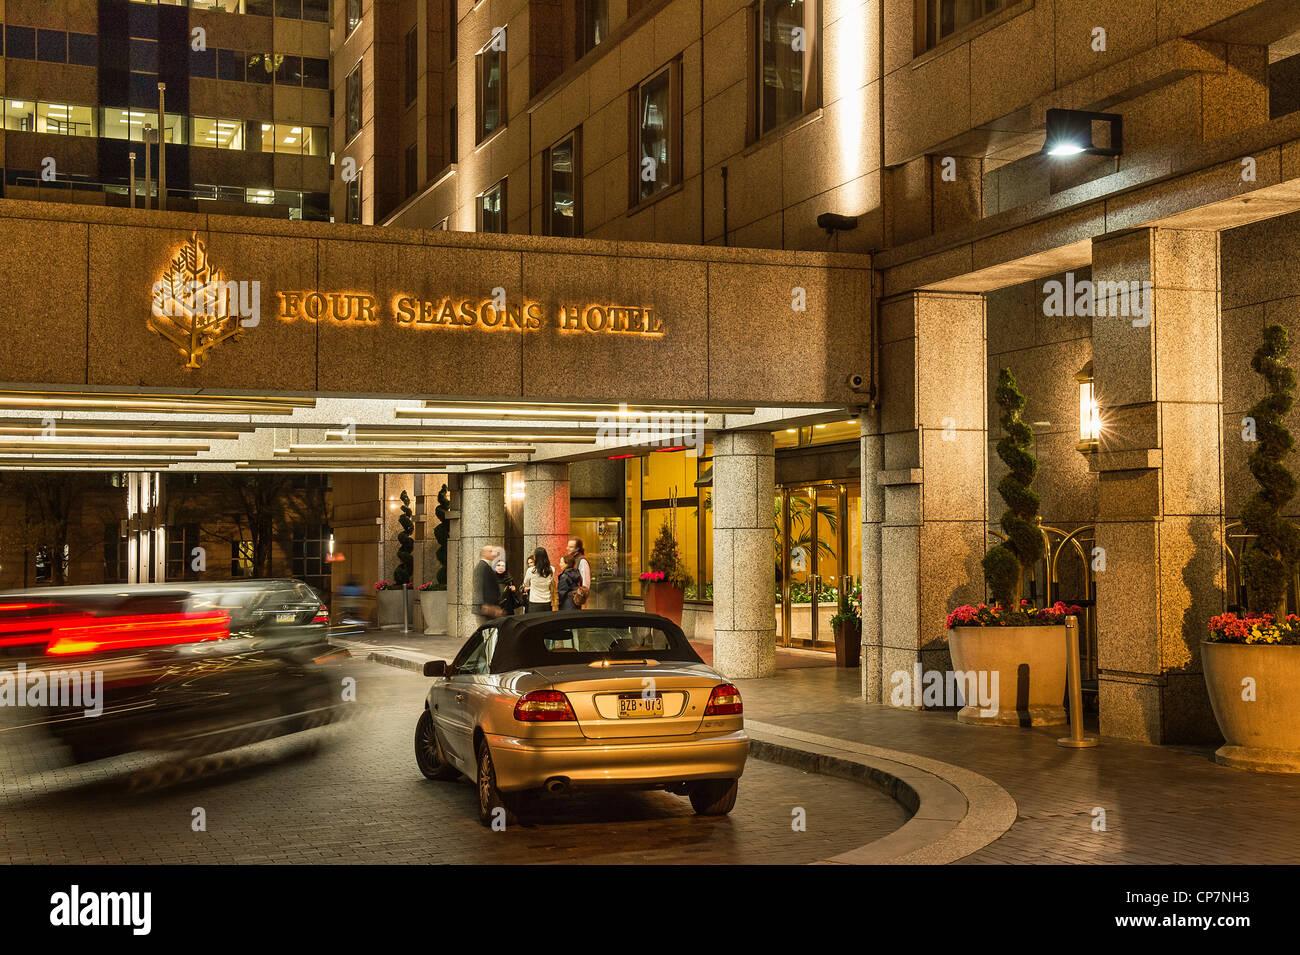 The Four Seasons Hotel, Philadelphia, Pennsylvania, USA Stock Photo